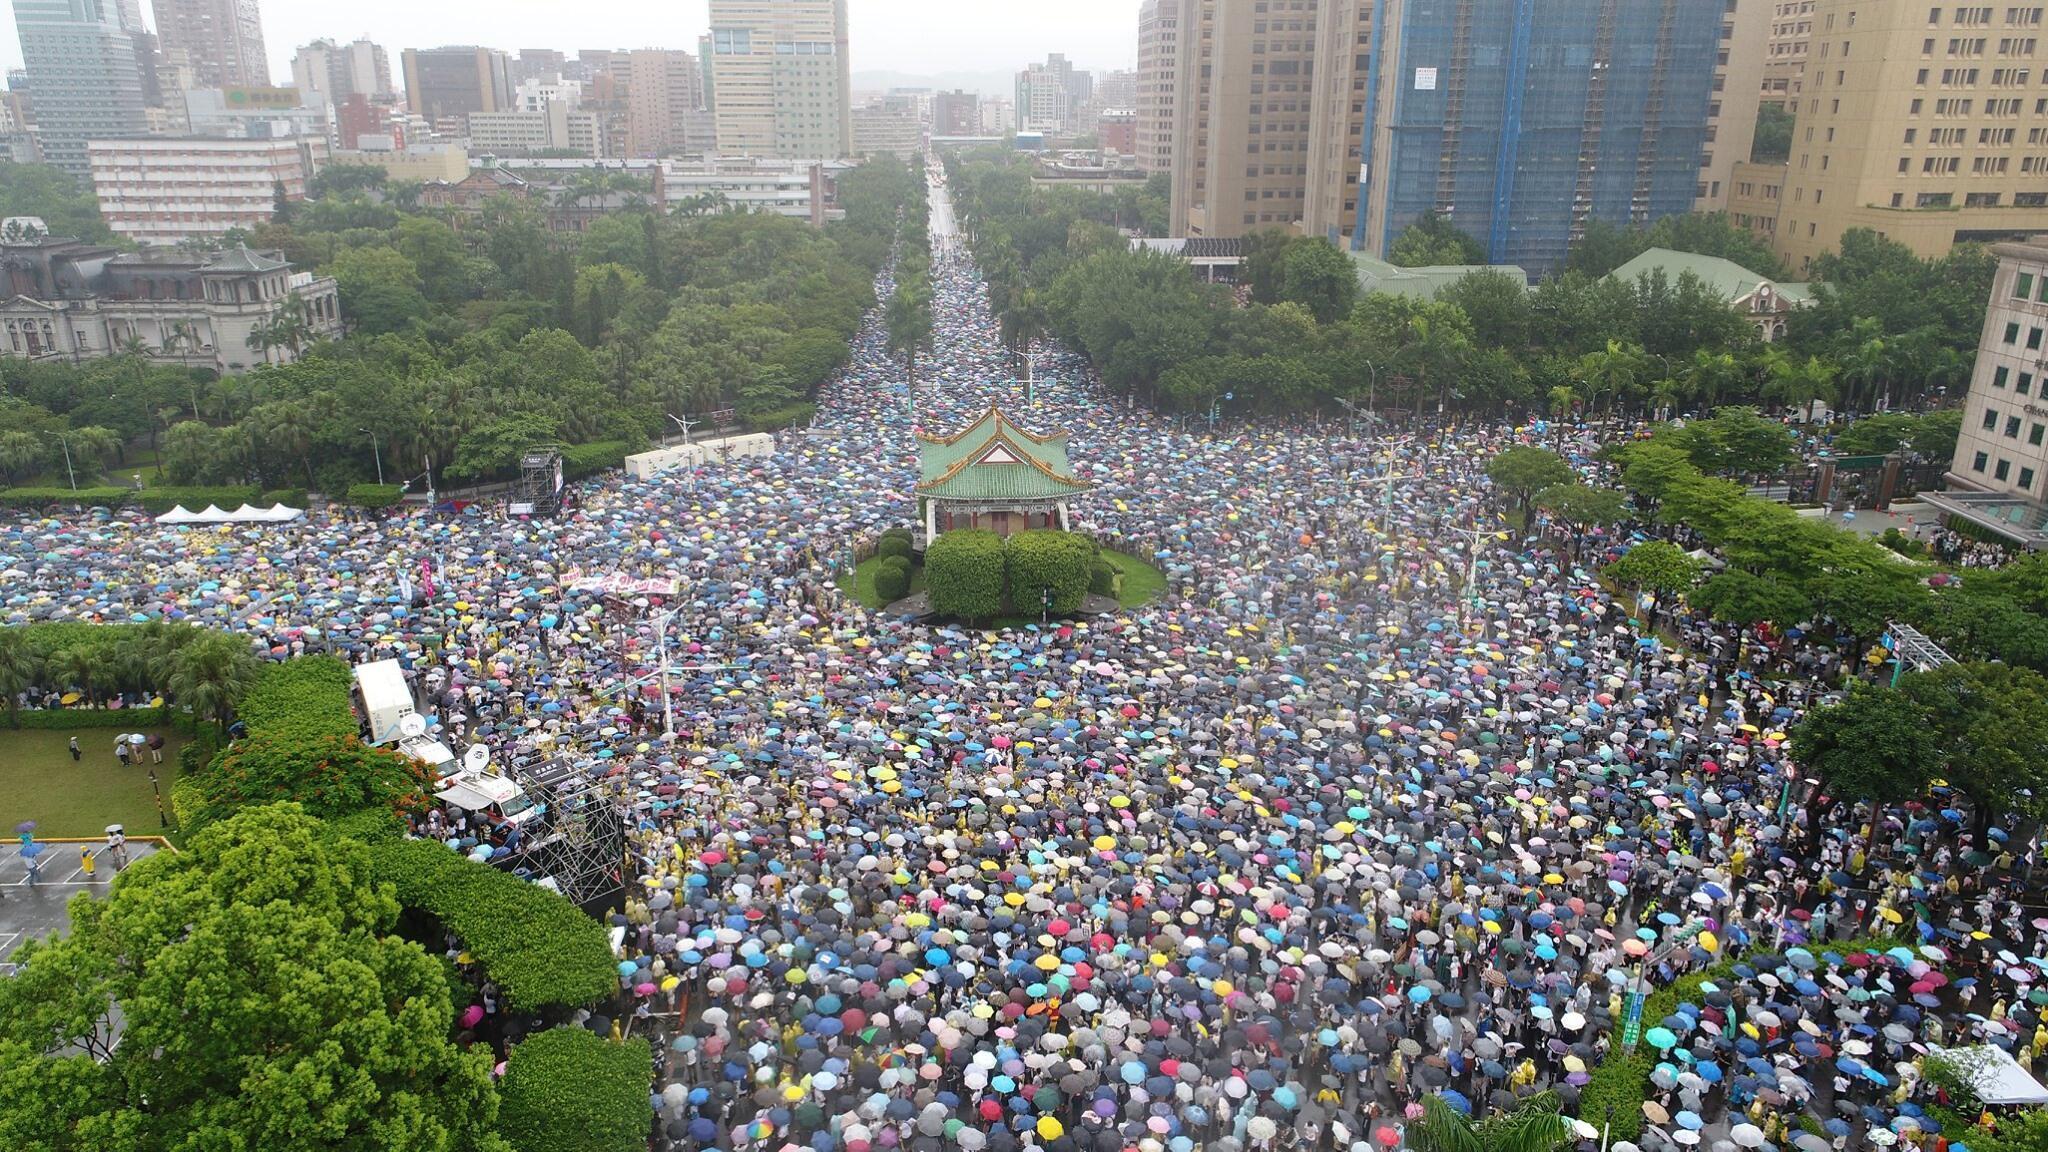 台湾民众冒雨举行反红色媒体渗透大游行2019年6月23日台北